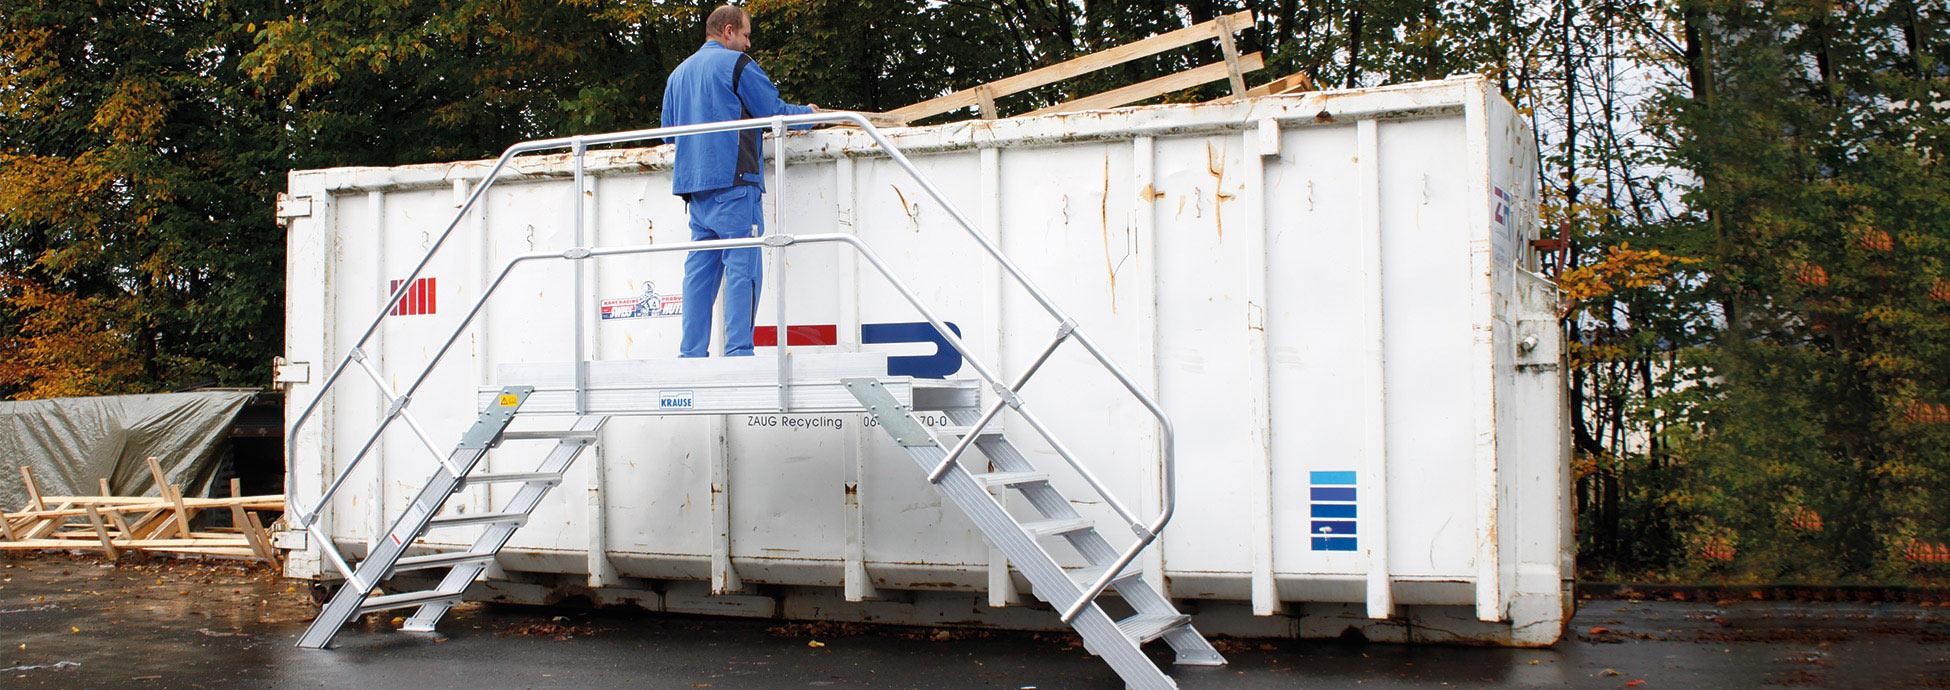 Специальные конструкции, монтажные подставки и лестницы с платформой из алюминия для утилизации отходов и мусора